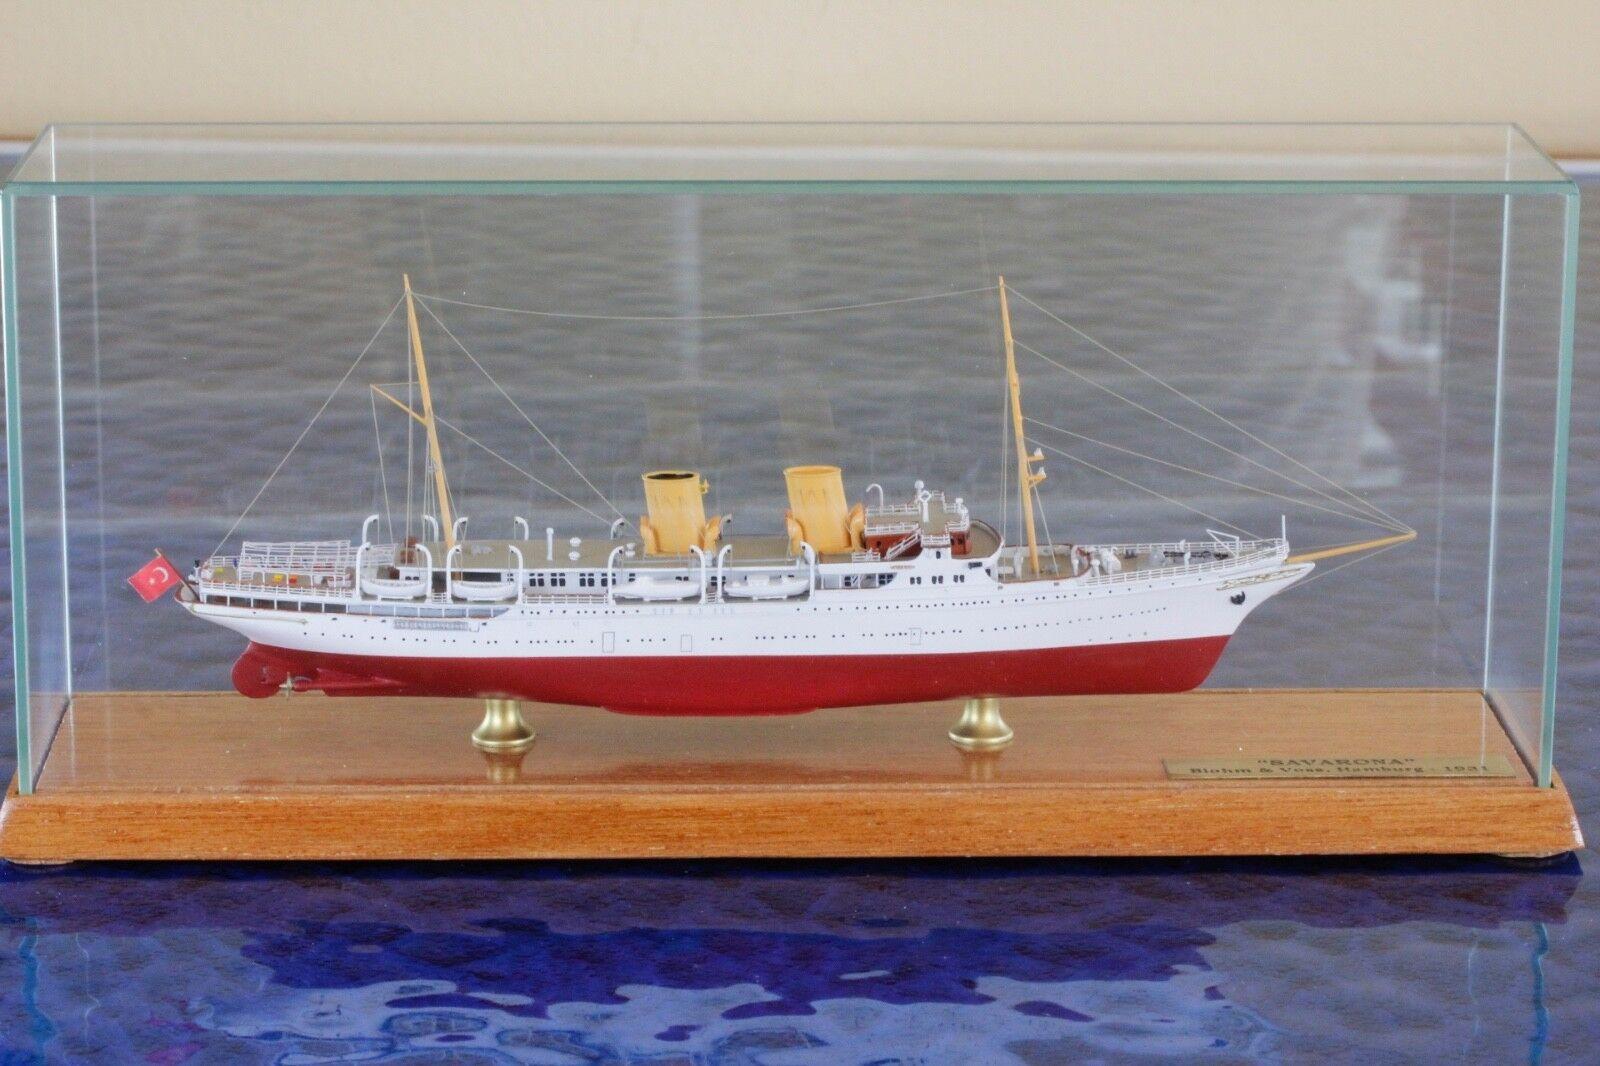 Savarona emballage d'origine Fabricant CSC 7005vr 1 1700, 1 1250 vaisseau Modèle